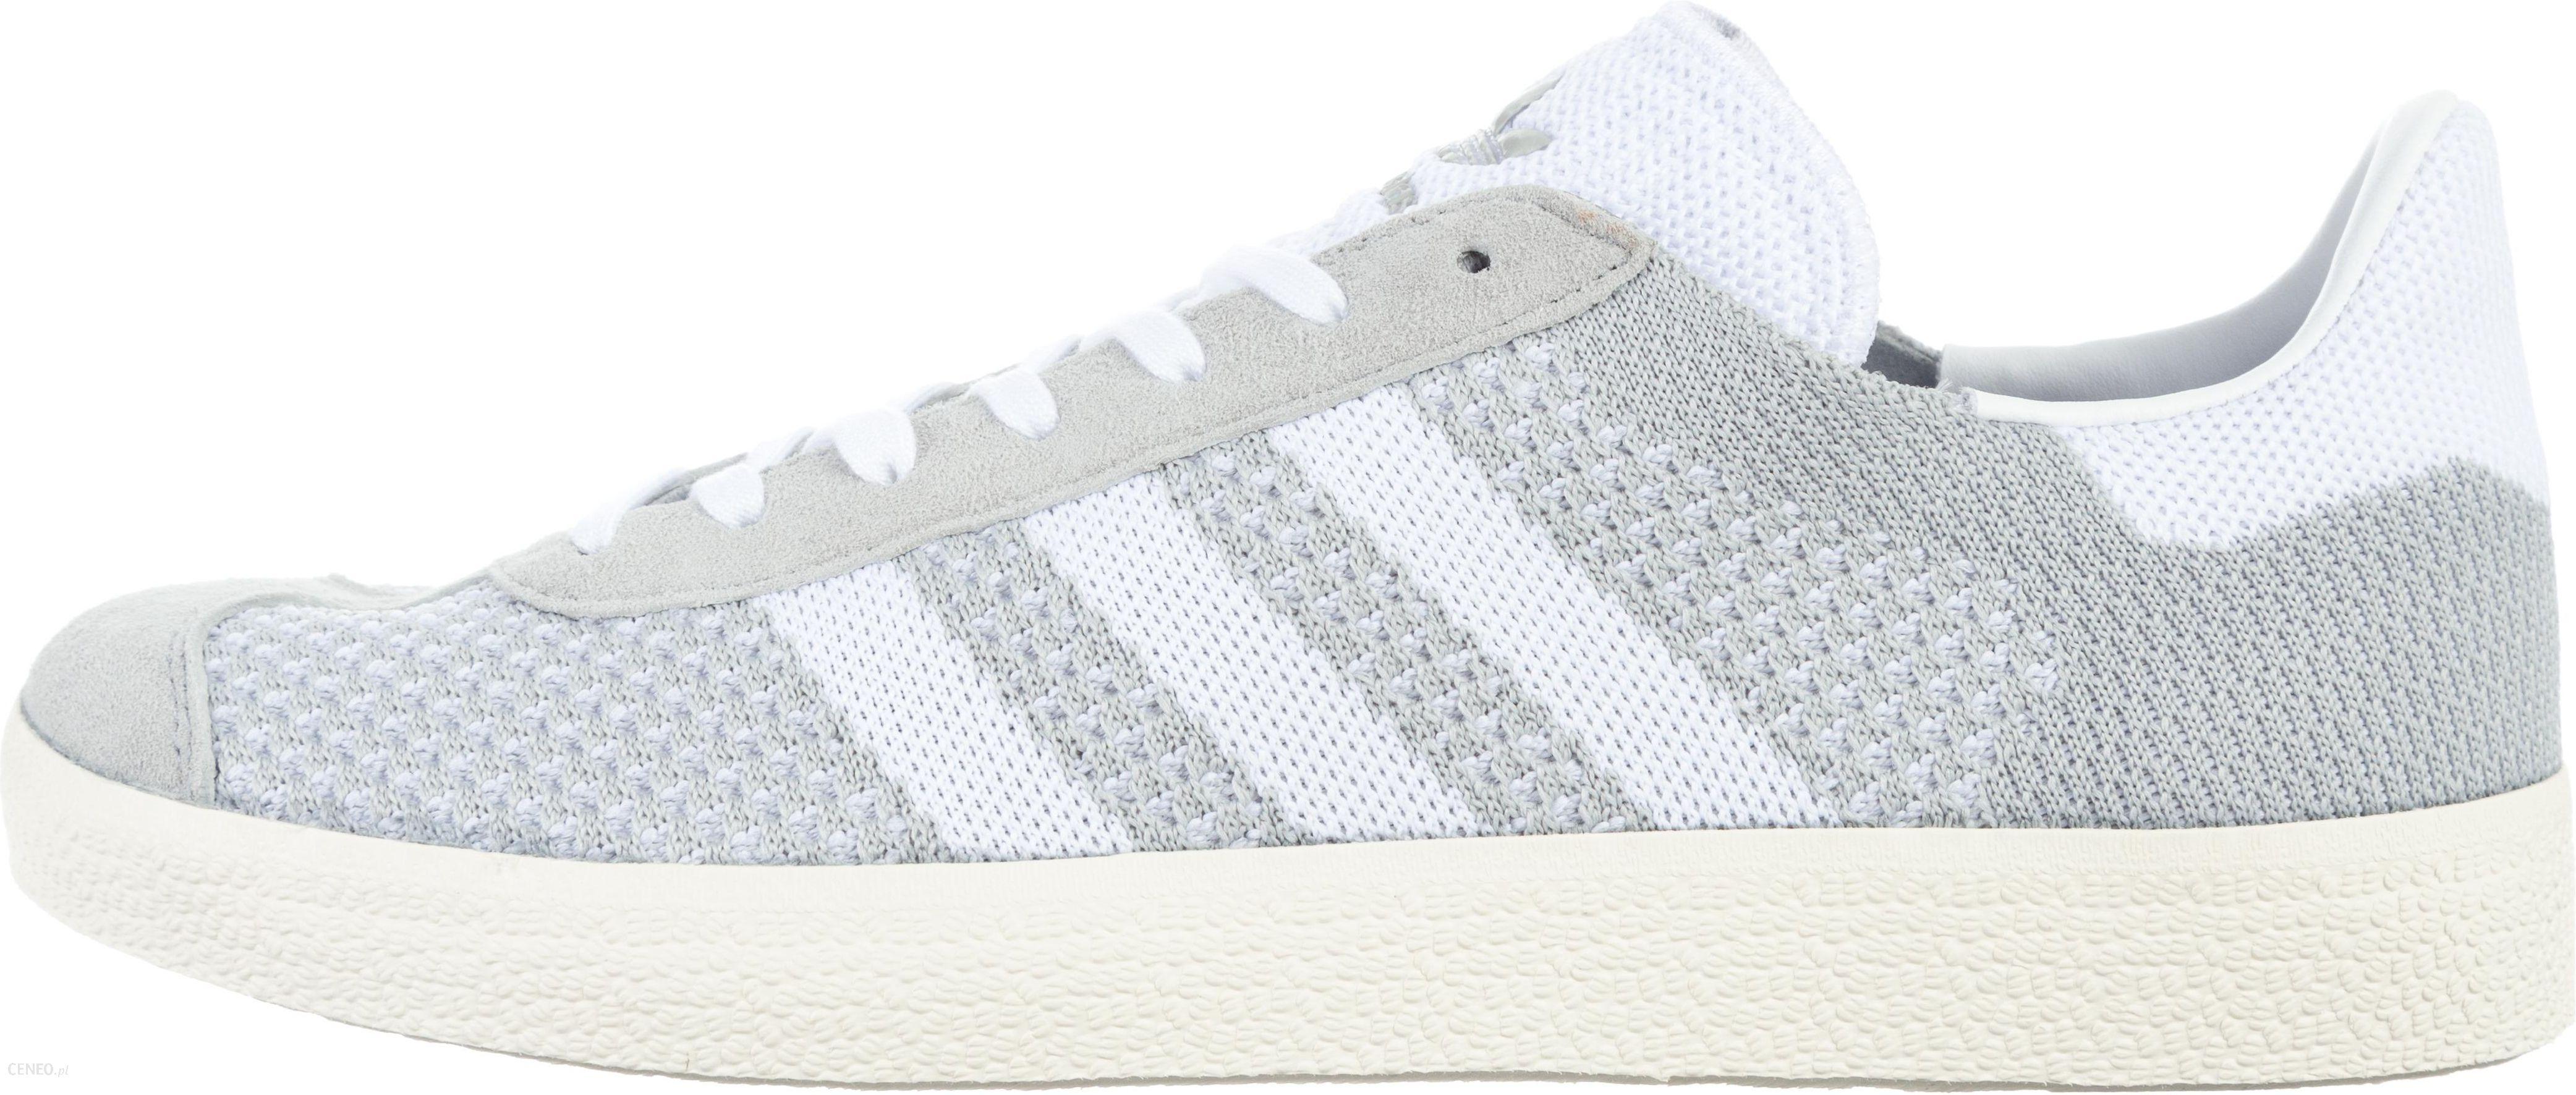 pretty nice d2933 319c9 adidas Originals Gazelle Primeknit Sneakers Biały Szary 44 - zdjęcie 1